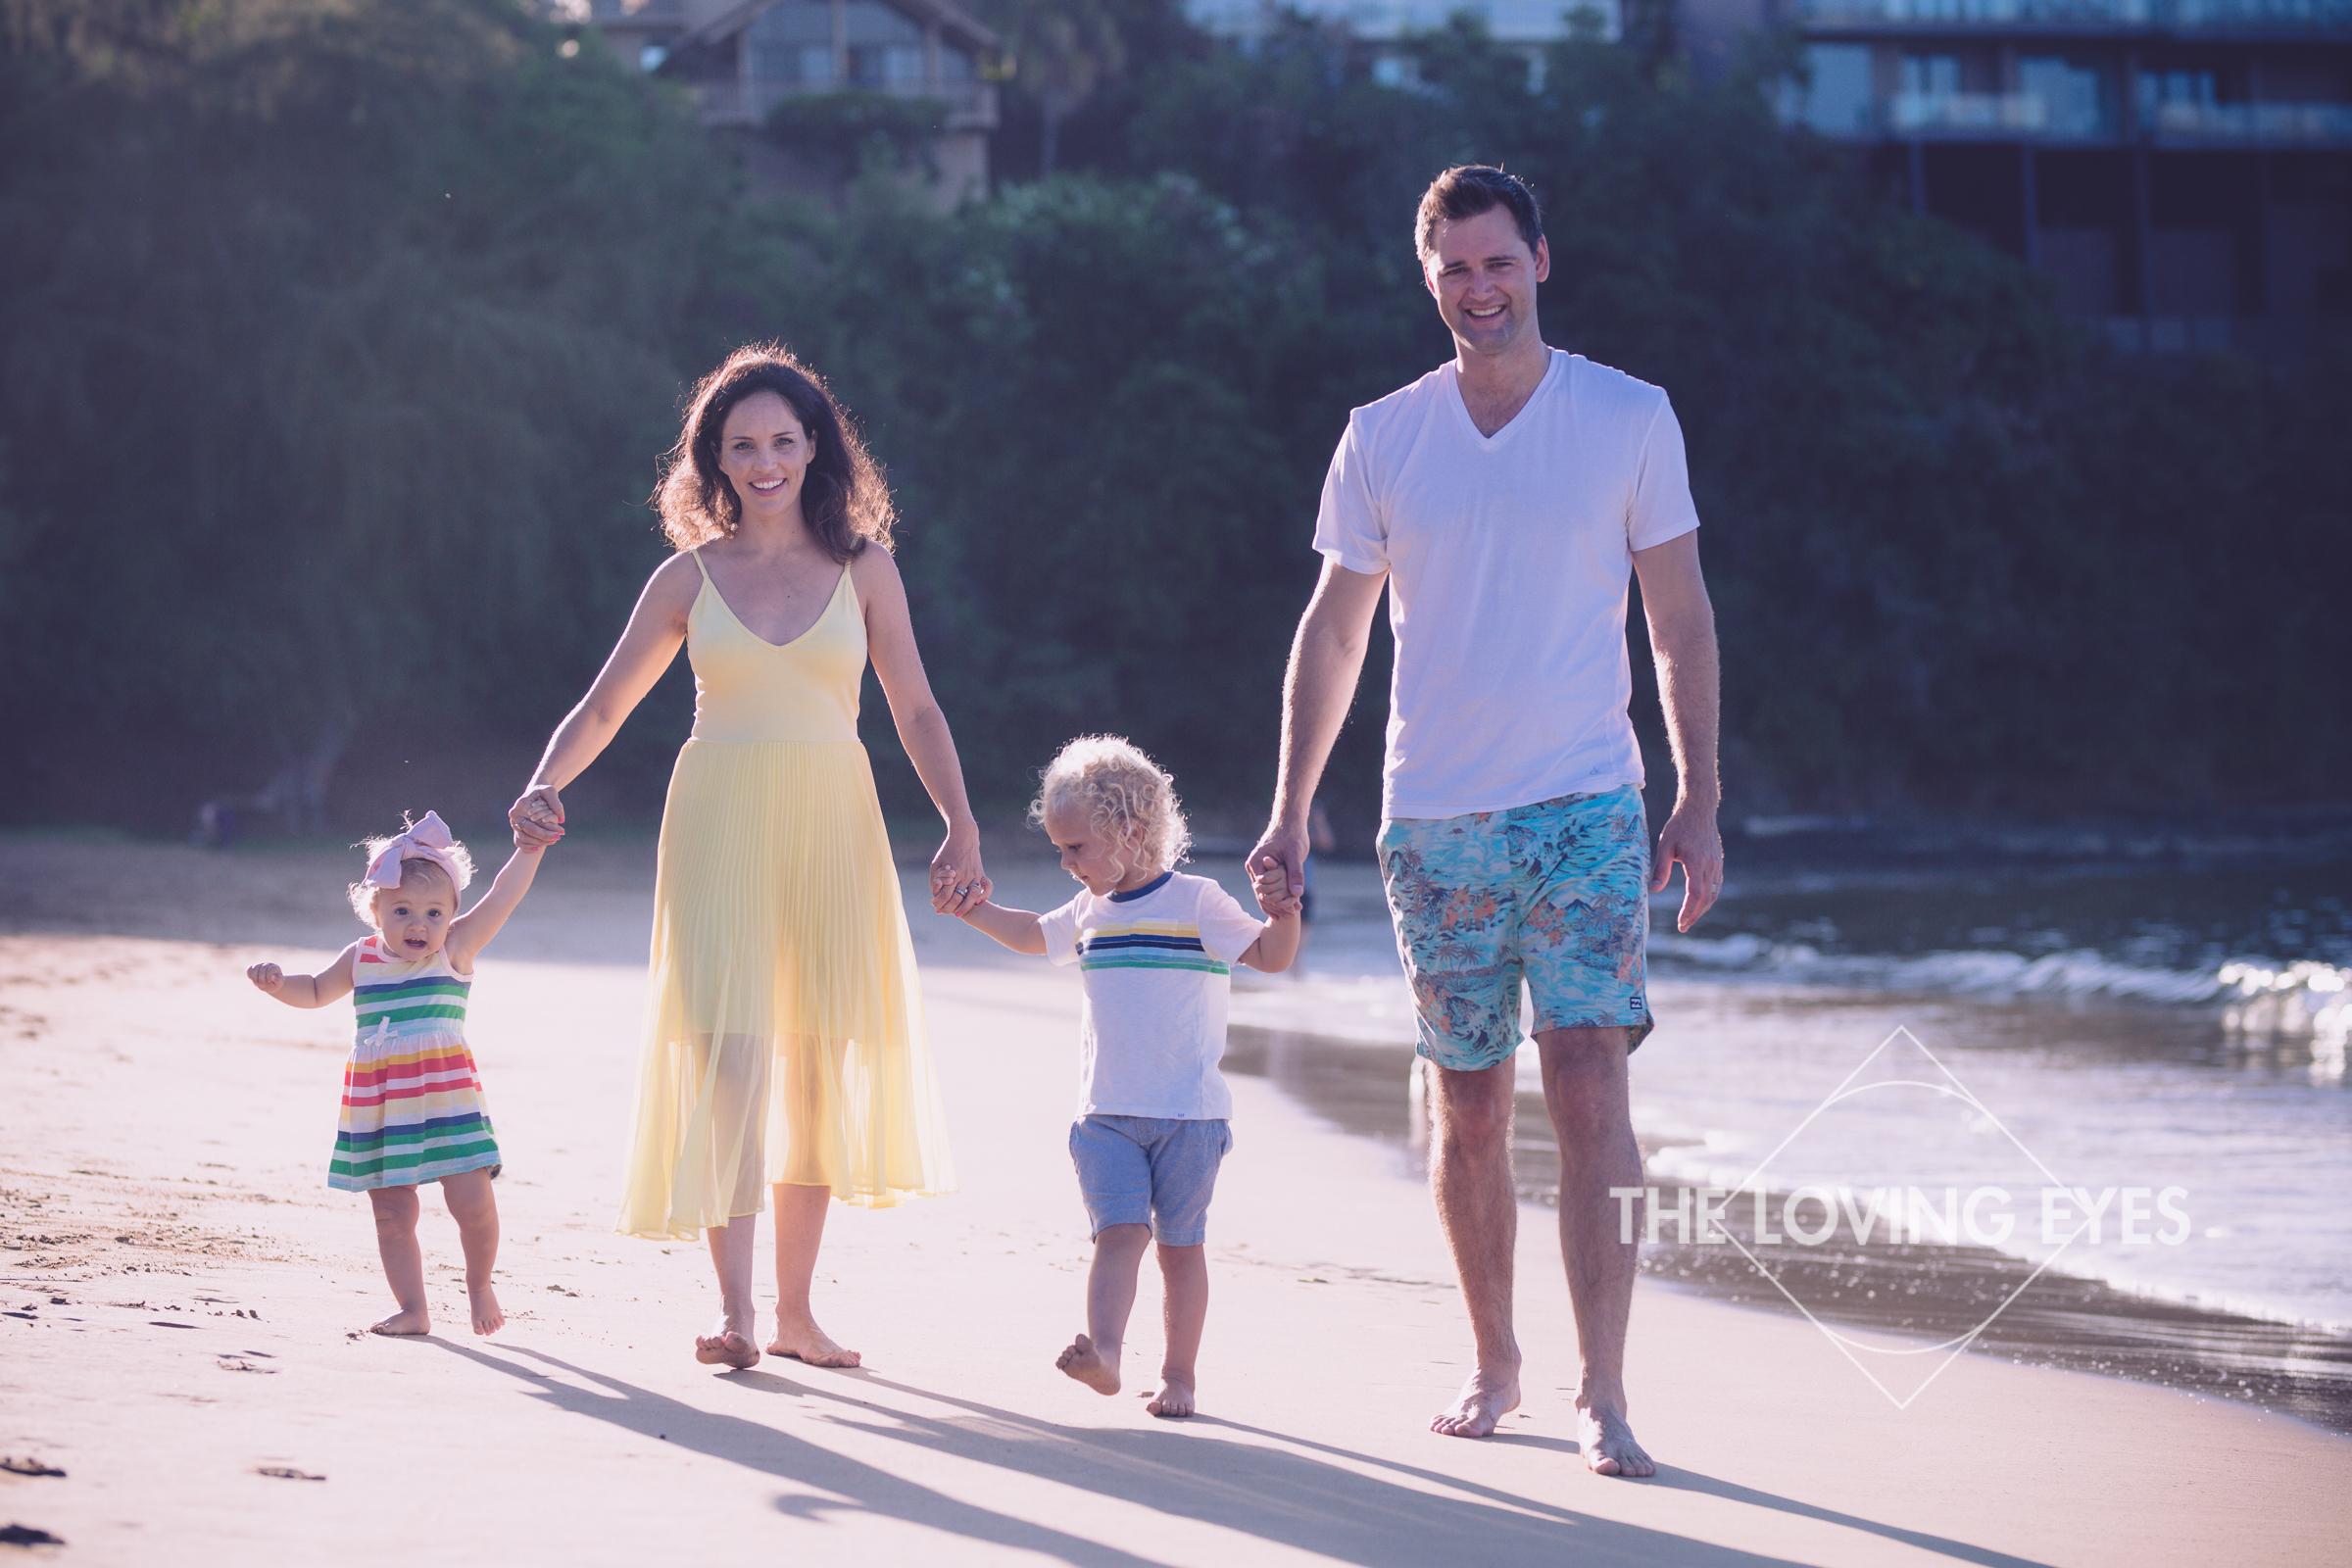 Kauai-Family-Vacation-Beach-Photos-5.jpg